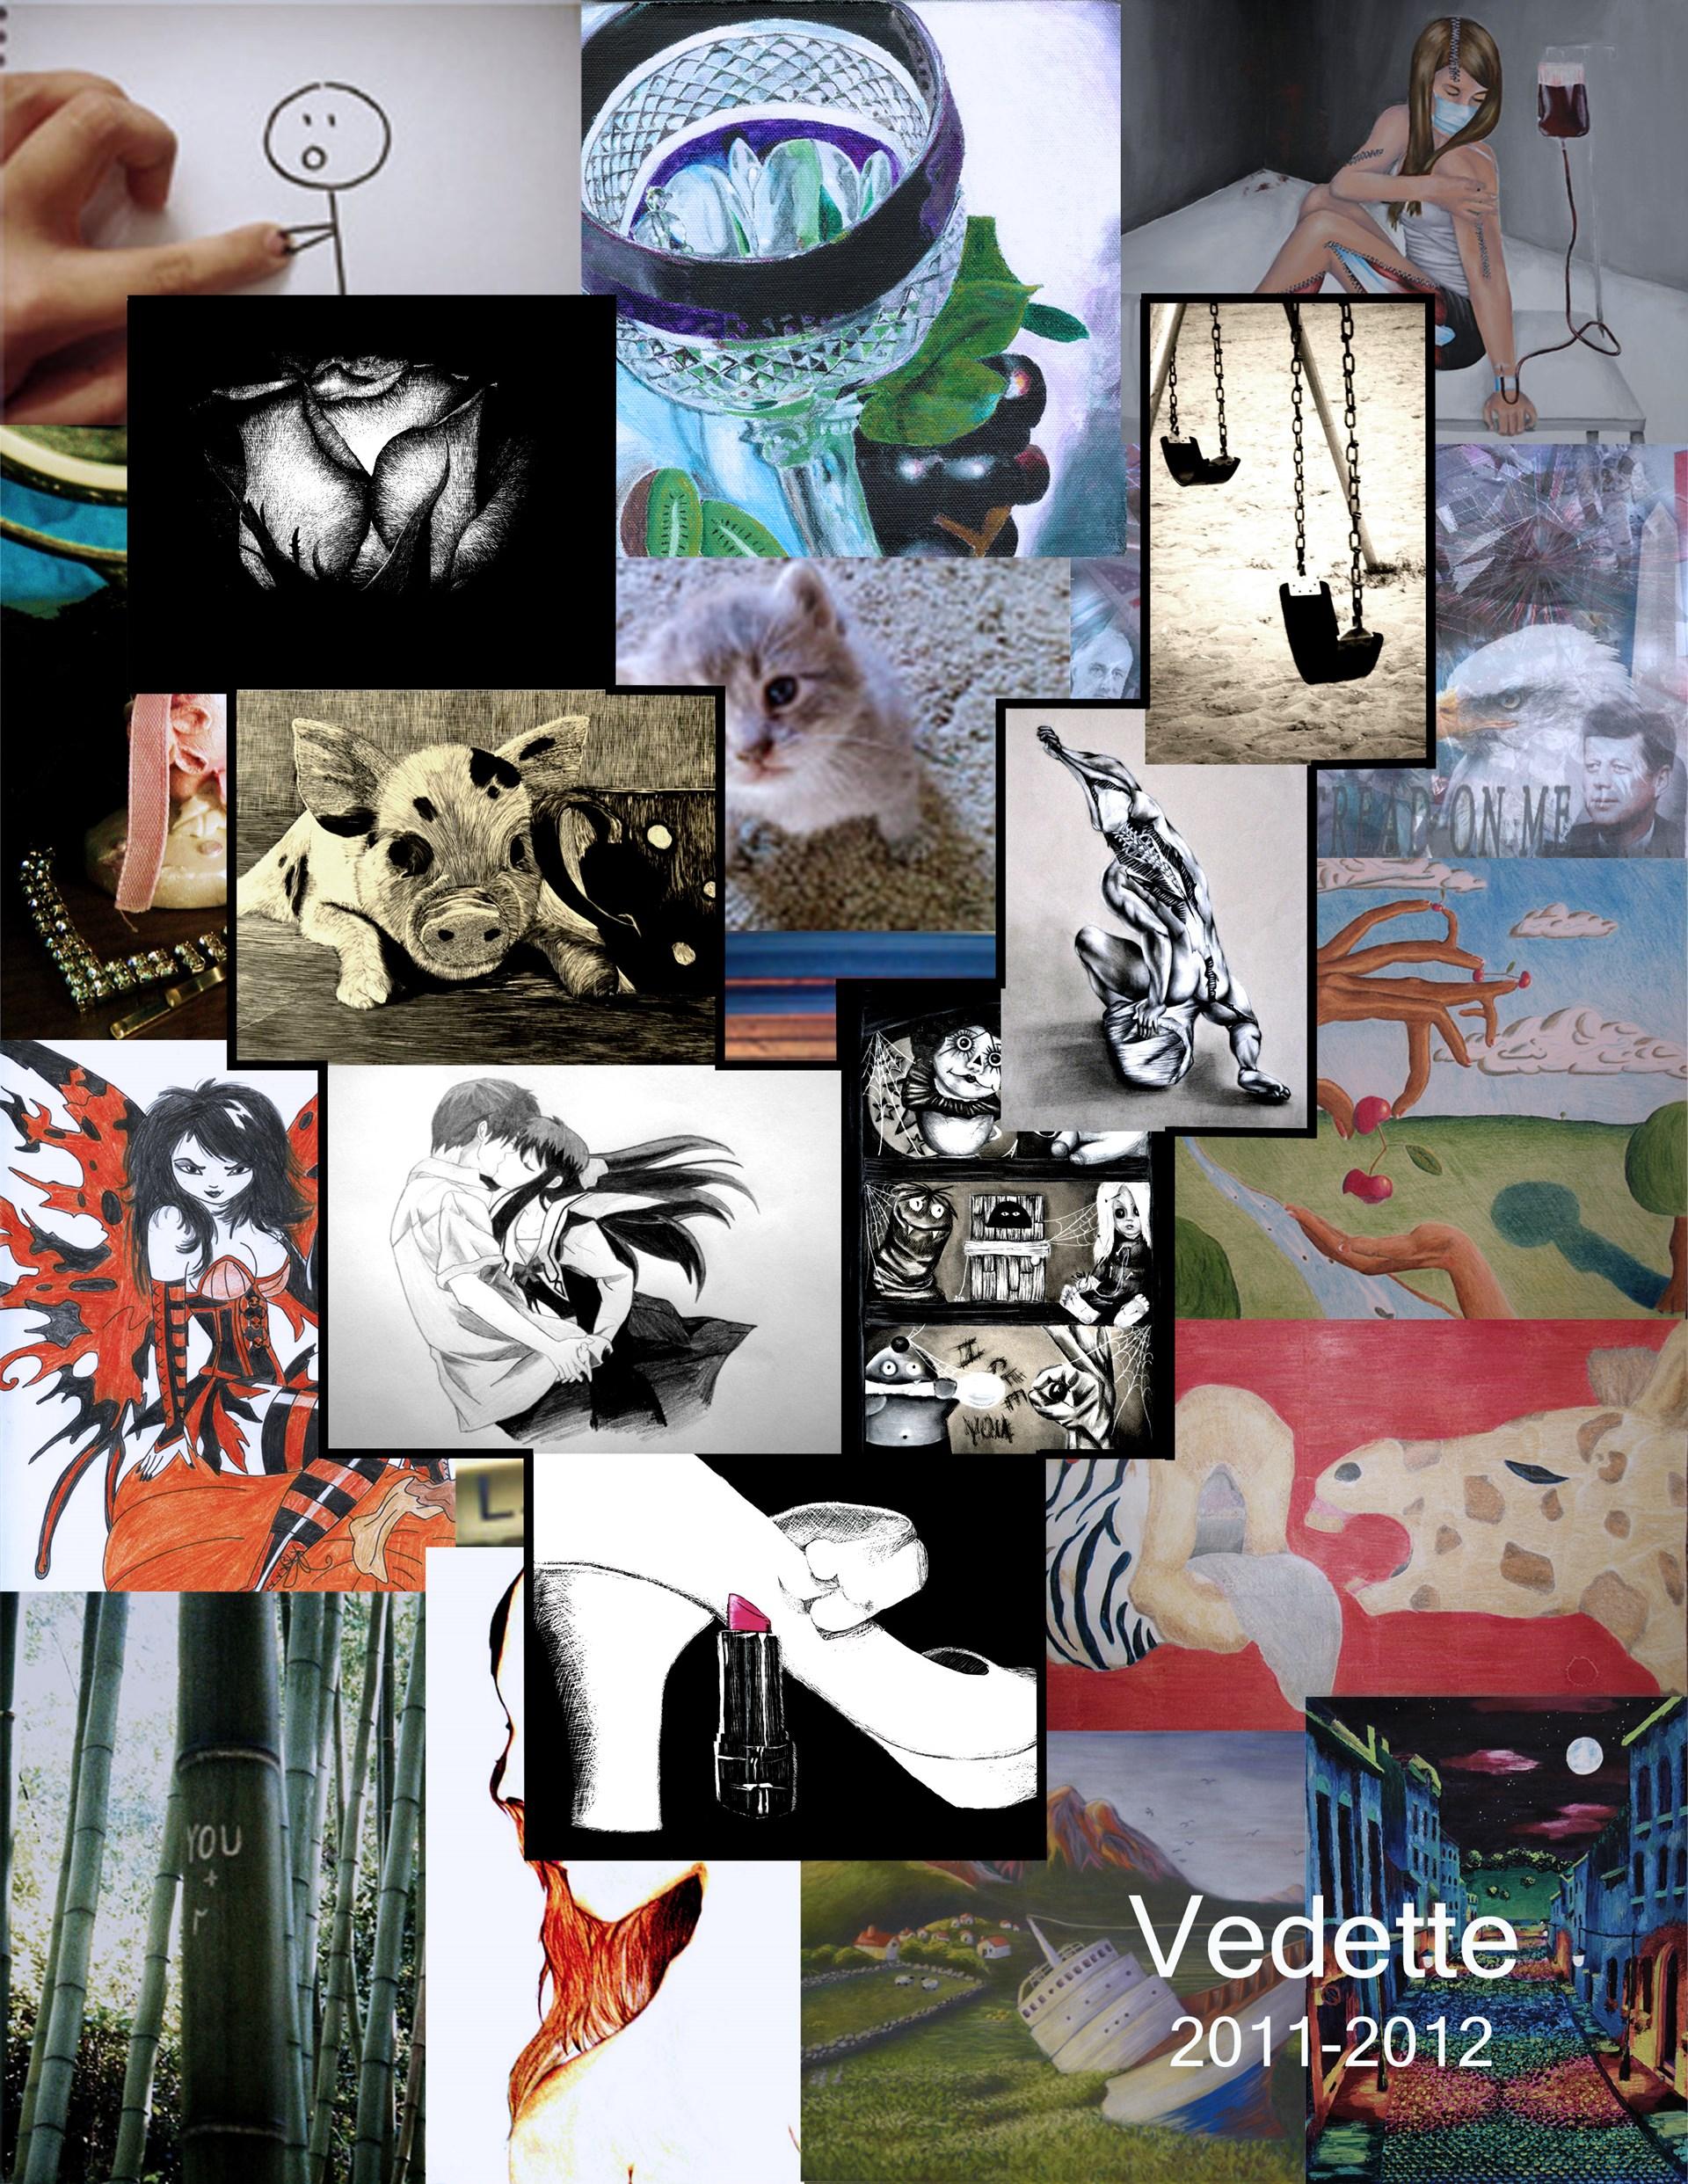 Vedette Cover 2011-2012